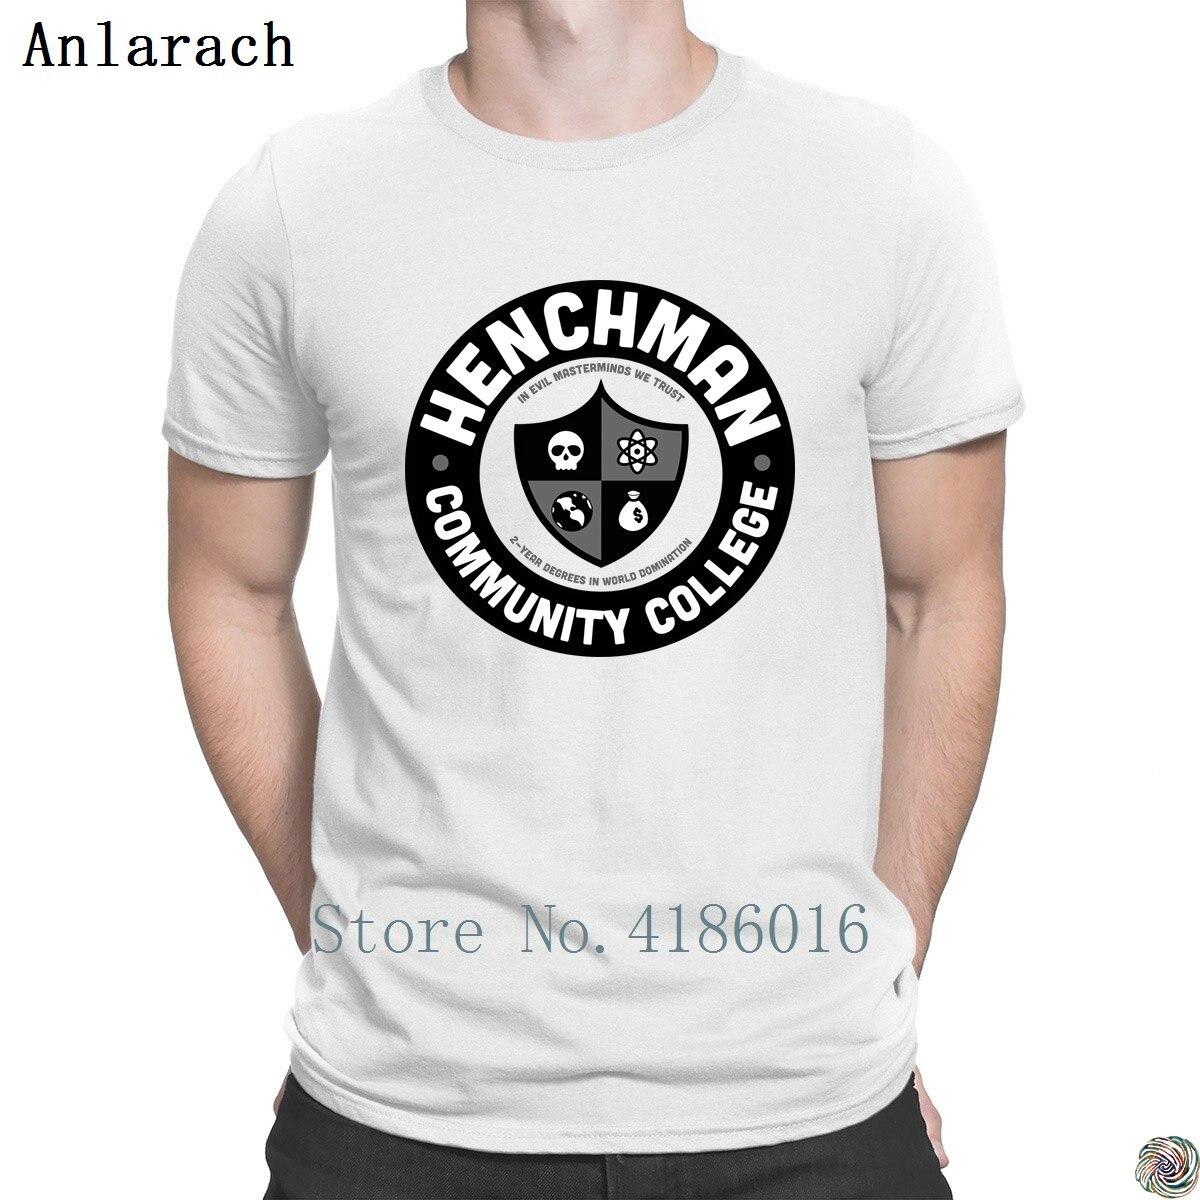 Подручный сообщества Колледж футболки персонализированные 100% хлопок 2018 homme футболка для мужчин Встроенная Одежда высшего качества одноцве...